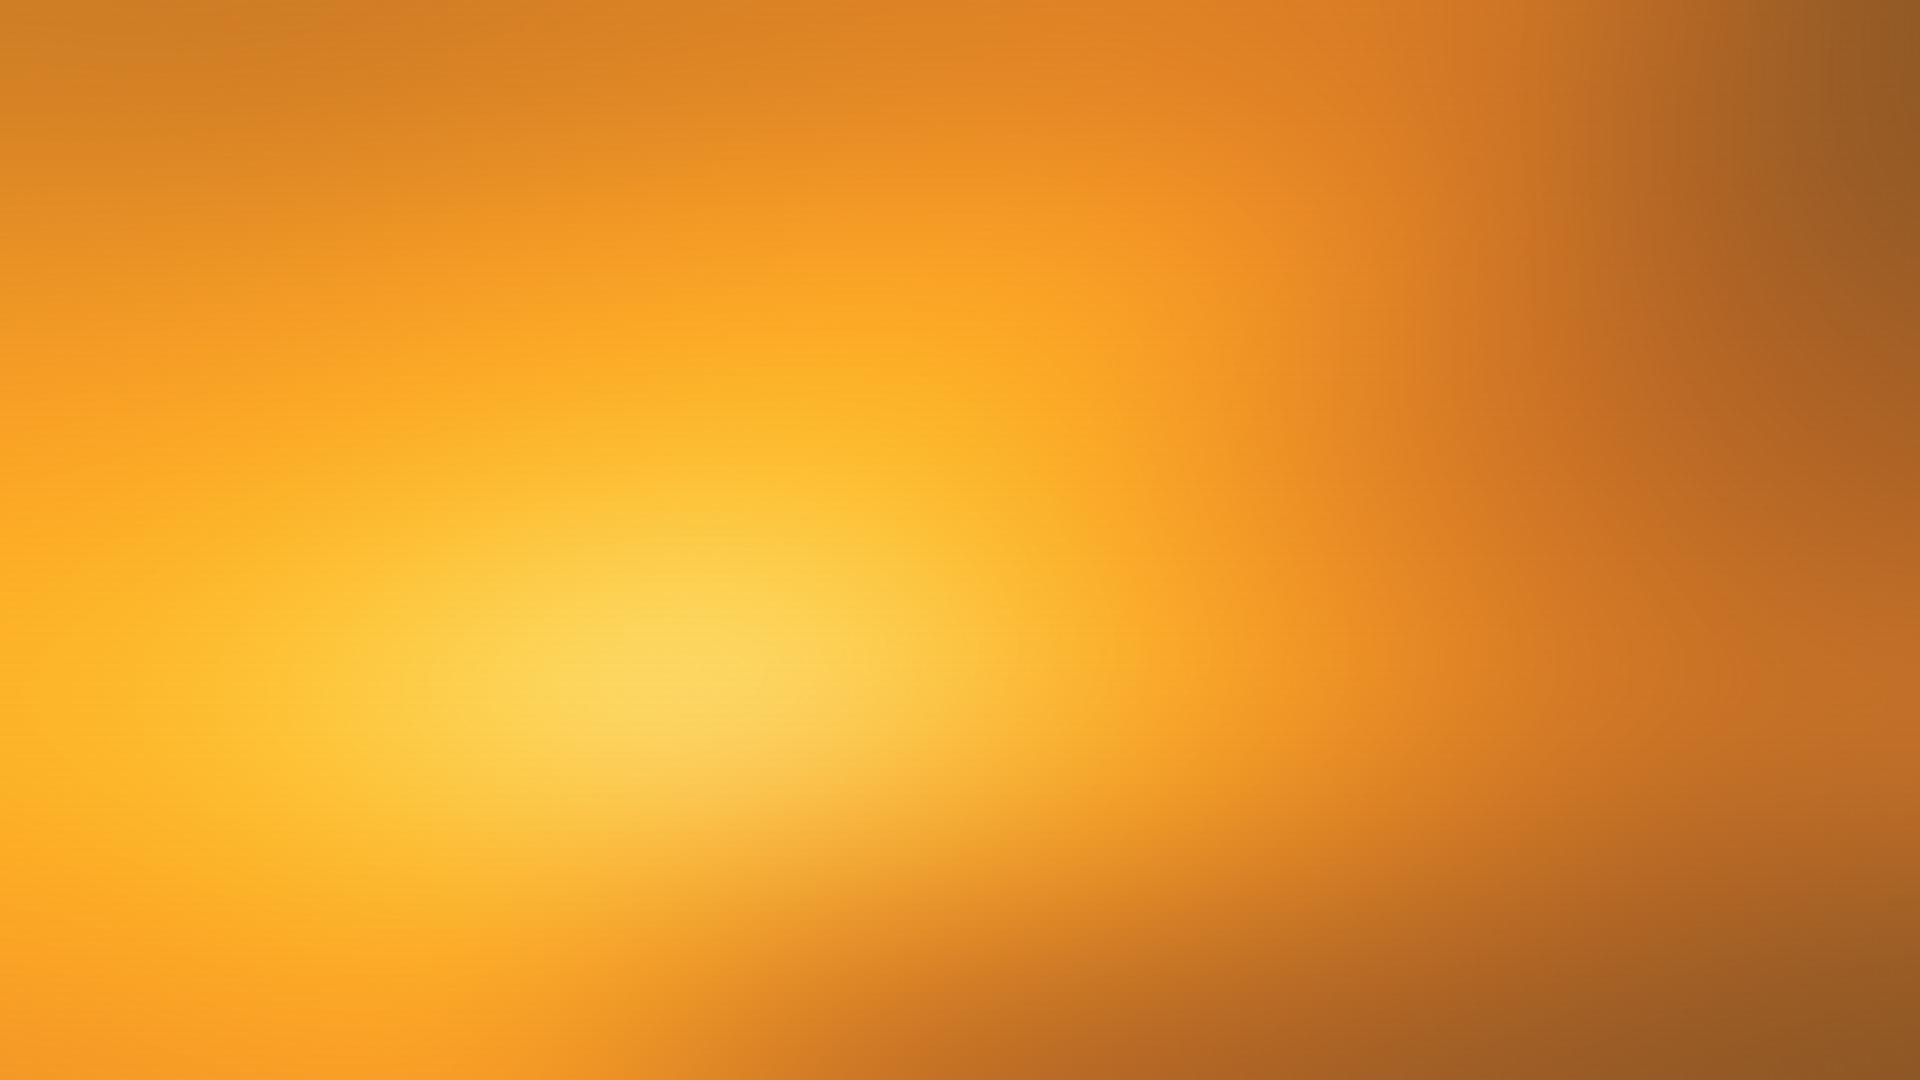 background static banner flash wallpaper   ForWallpapercom 1920x1080